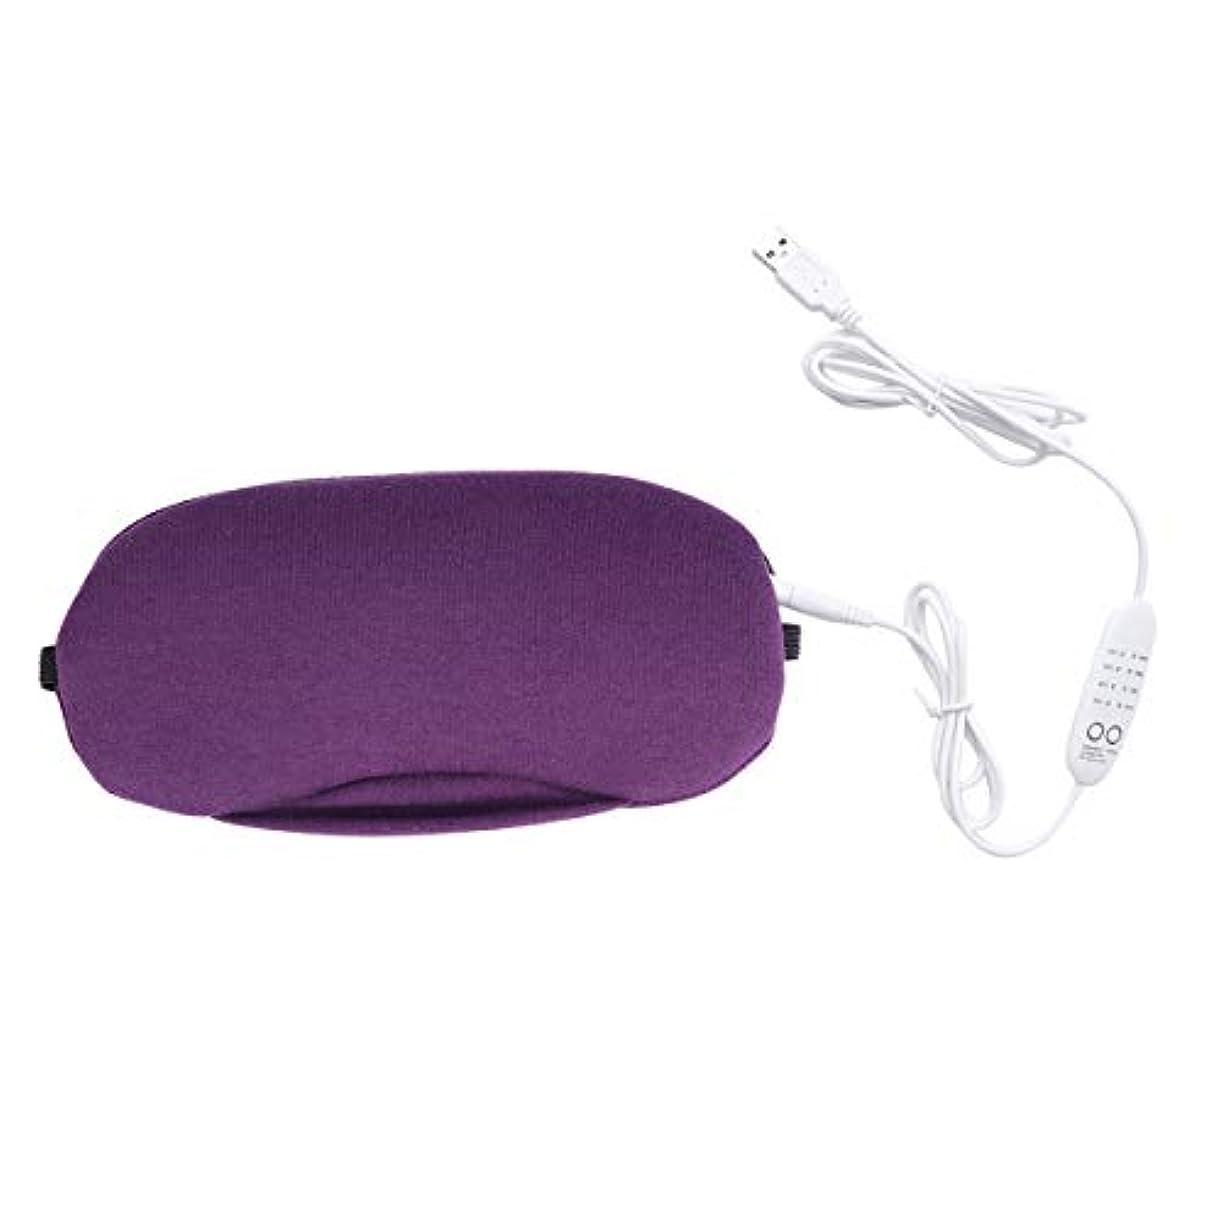 火平日割れ目不眠症を和らげるためのHealifty USBスチームアイマスク目隠しホットコンプレッションアイシールドドライアイ疲労(紫色)